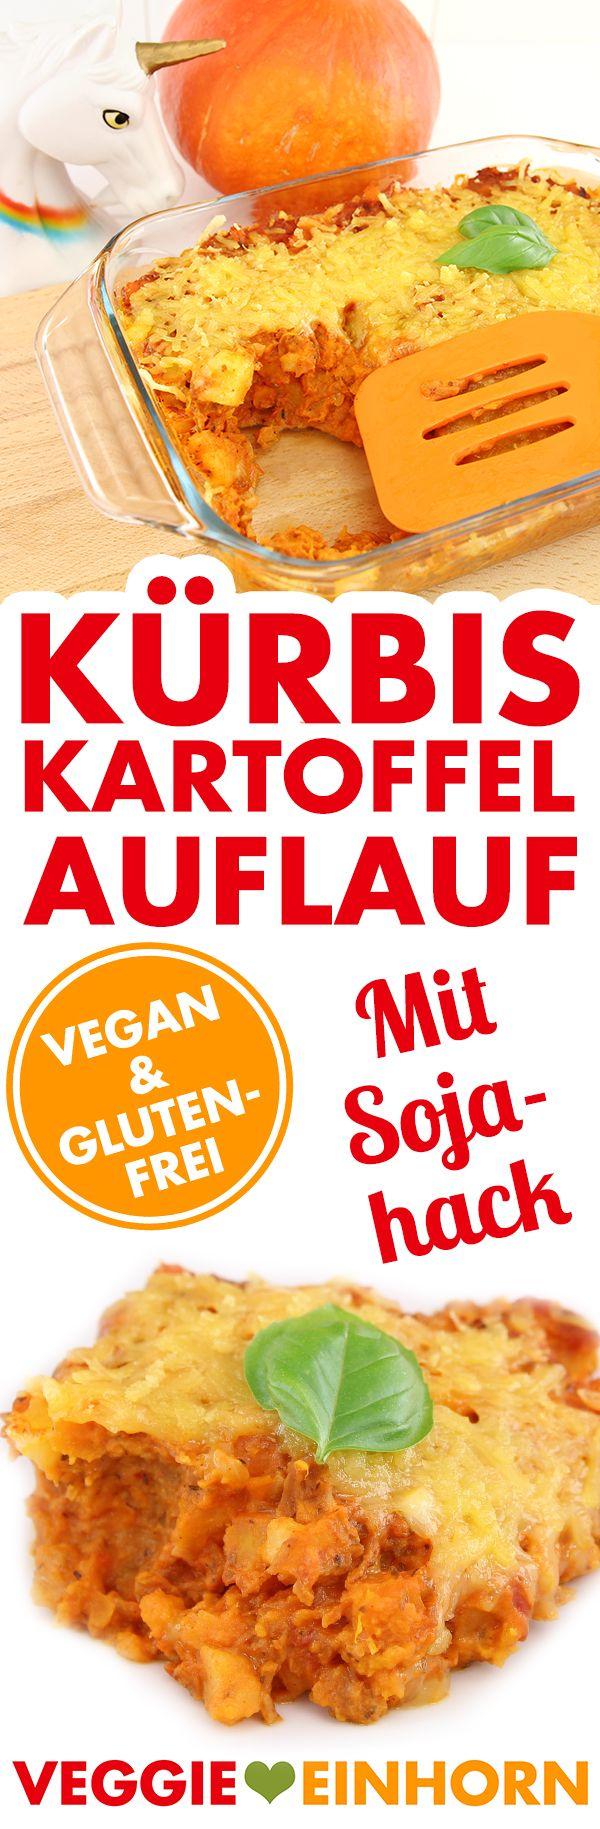 VEGAN & glutenfrei   mit Rezept VIDEO   Kürbis-Kartoffel-Auflauf mit Sojahack